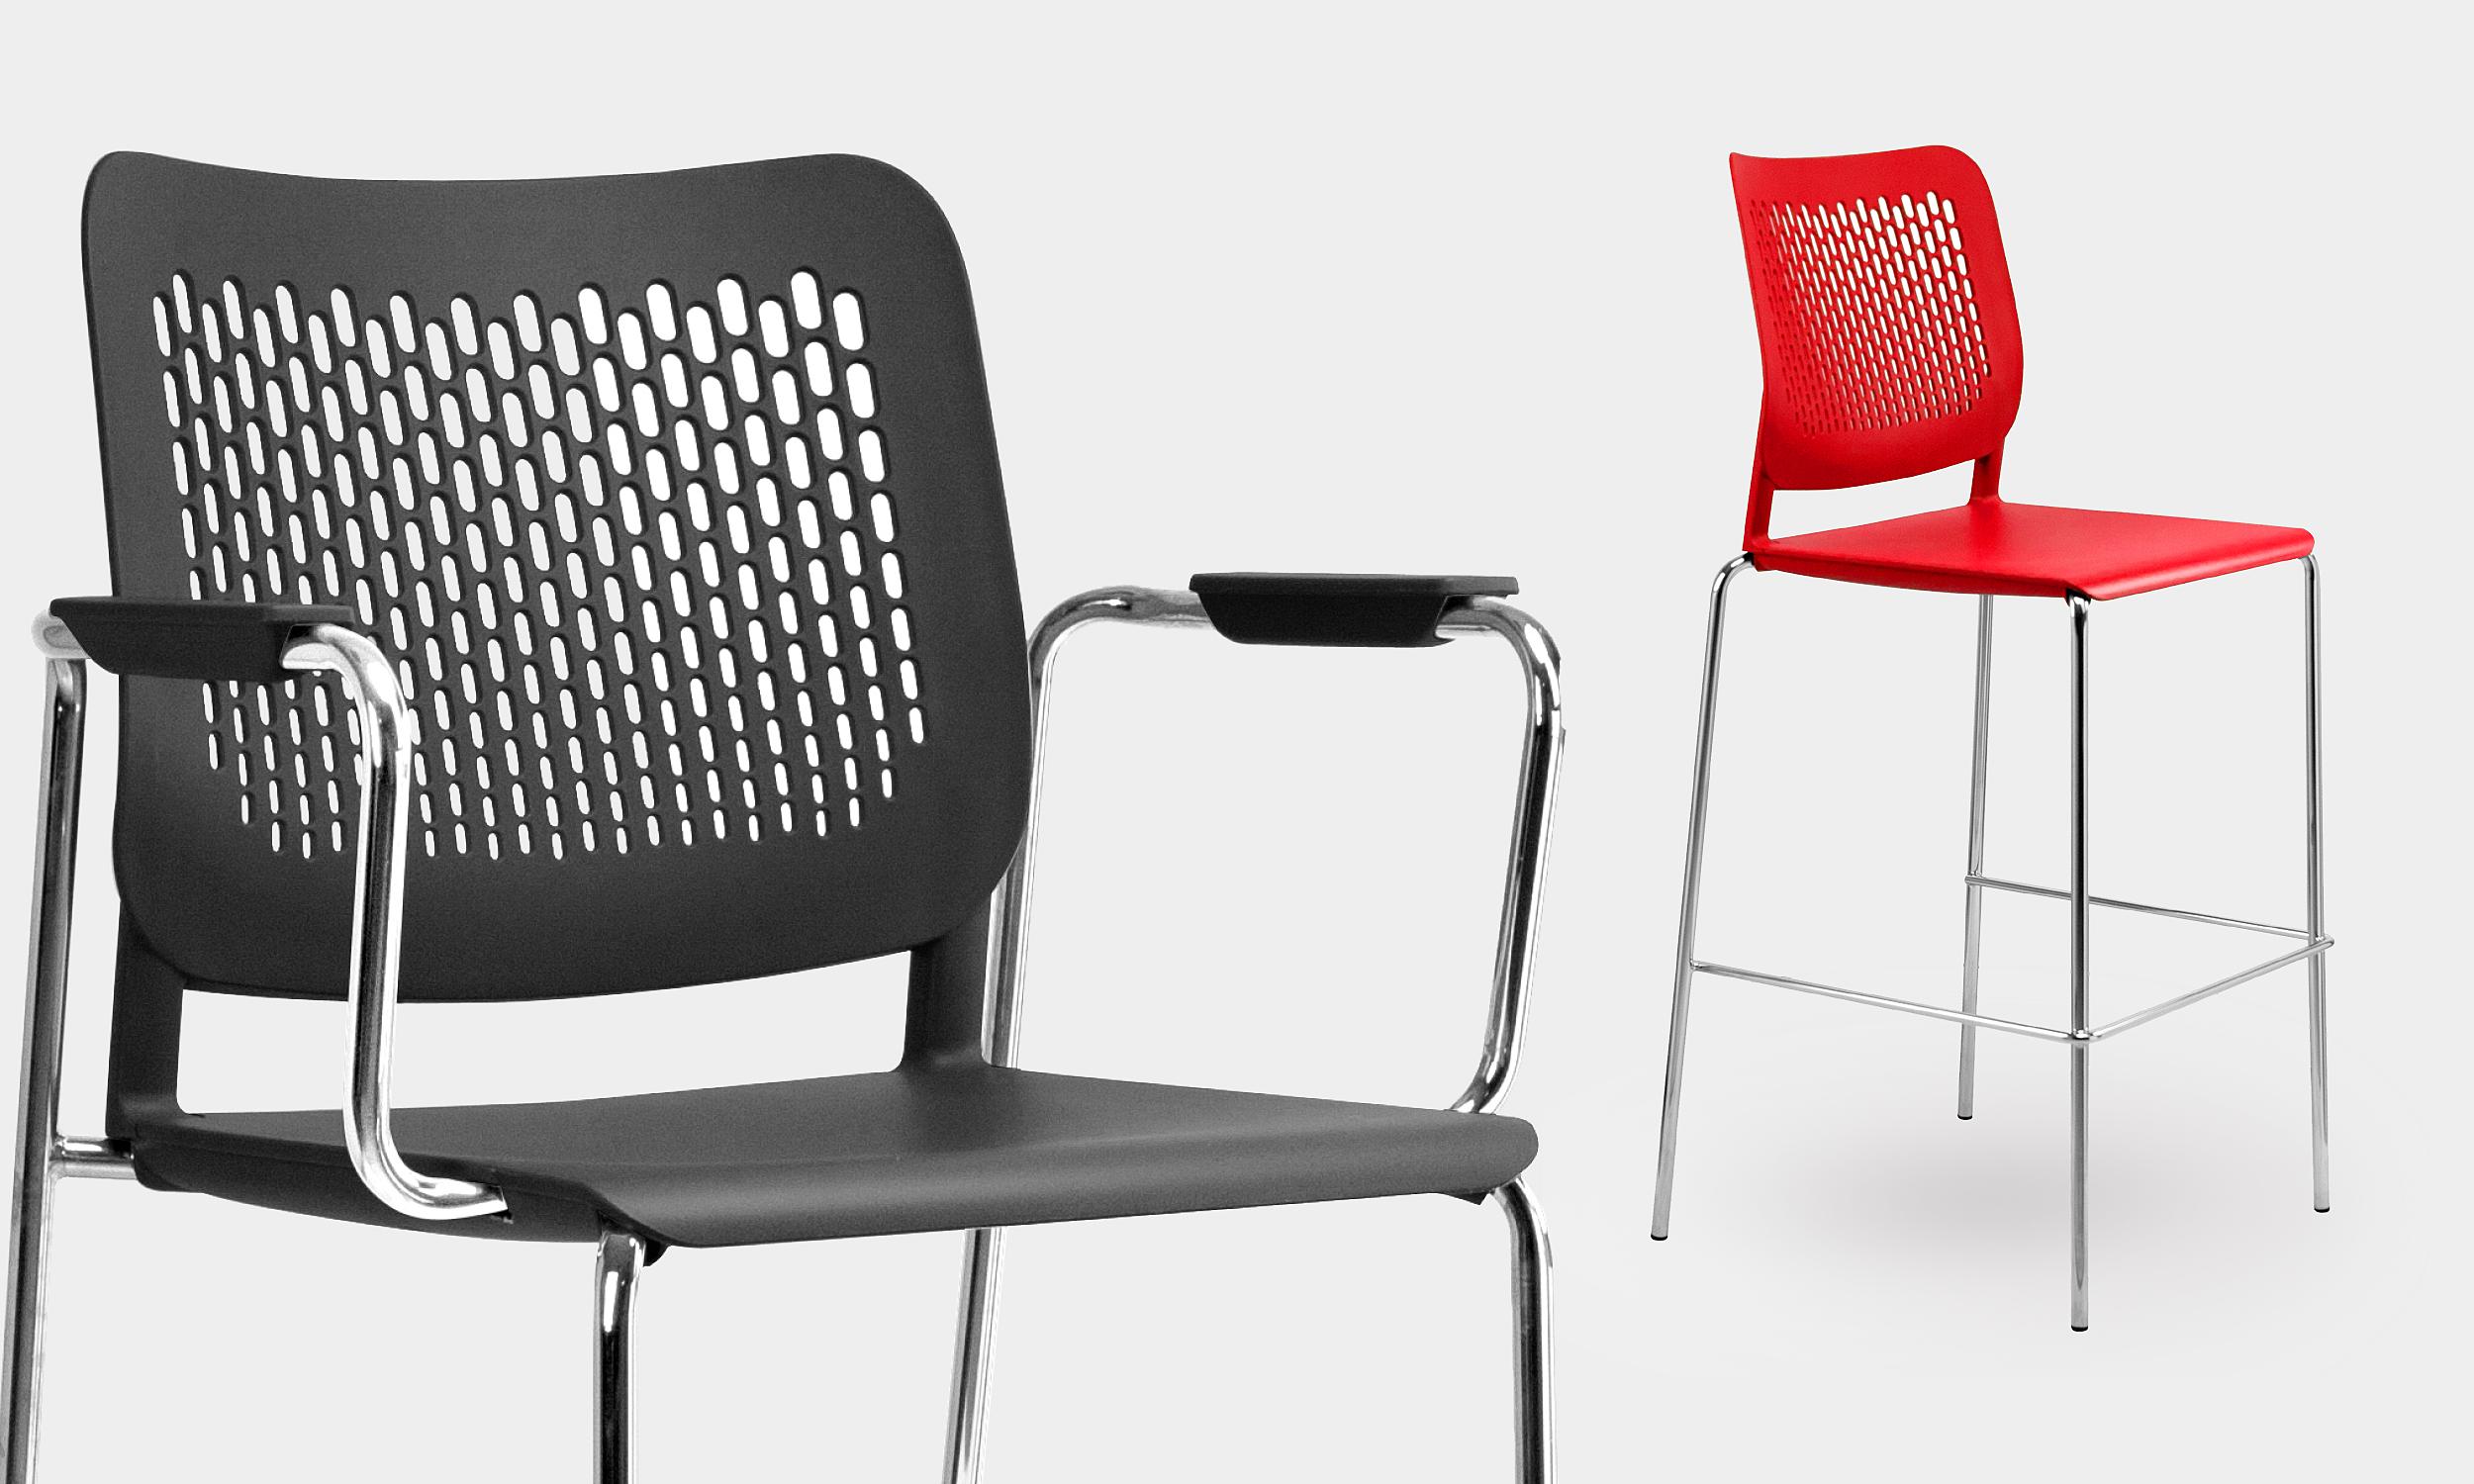 krzesło_Calado02